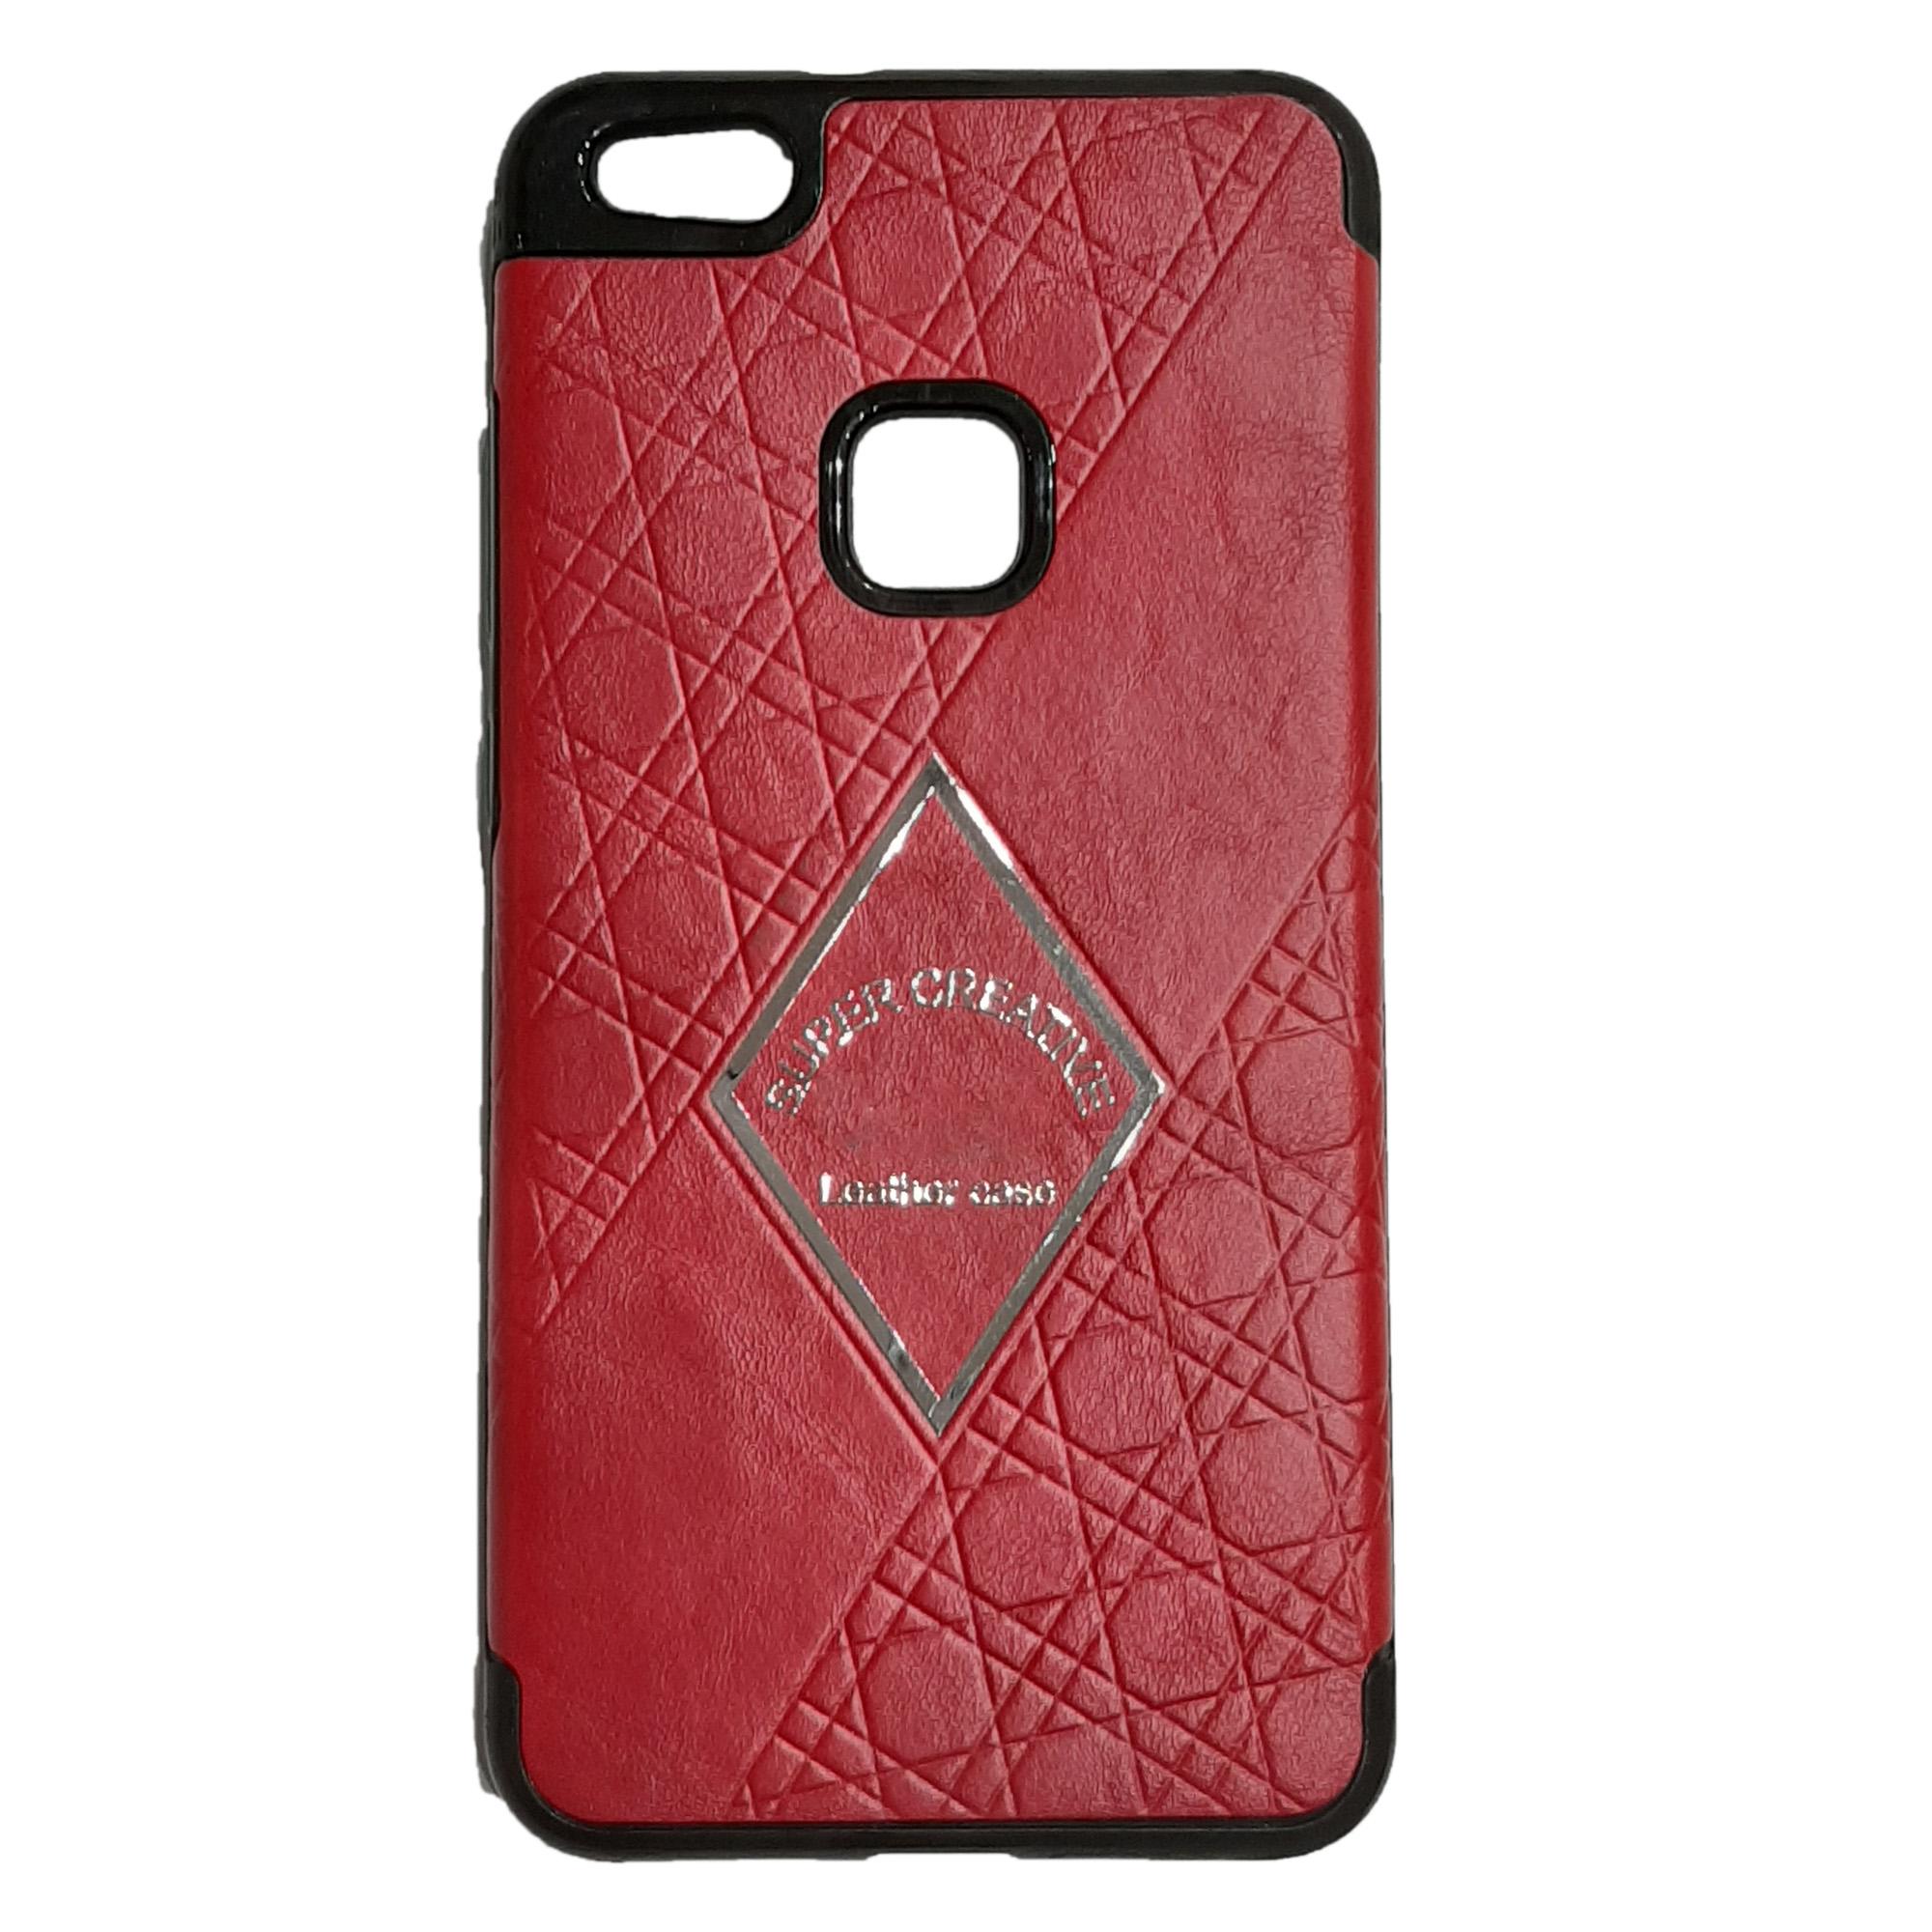 کاور مدل b143 مناسب برای گوشی موبایل هوآوی p10 lite              ( قیمت و خرید)